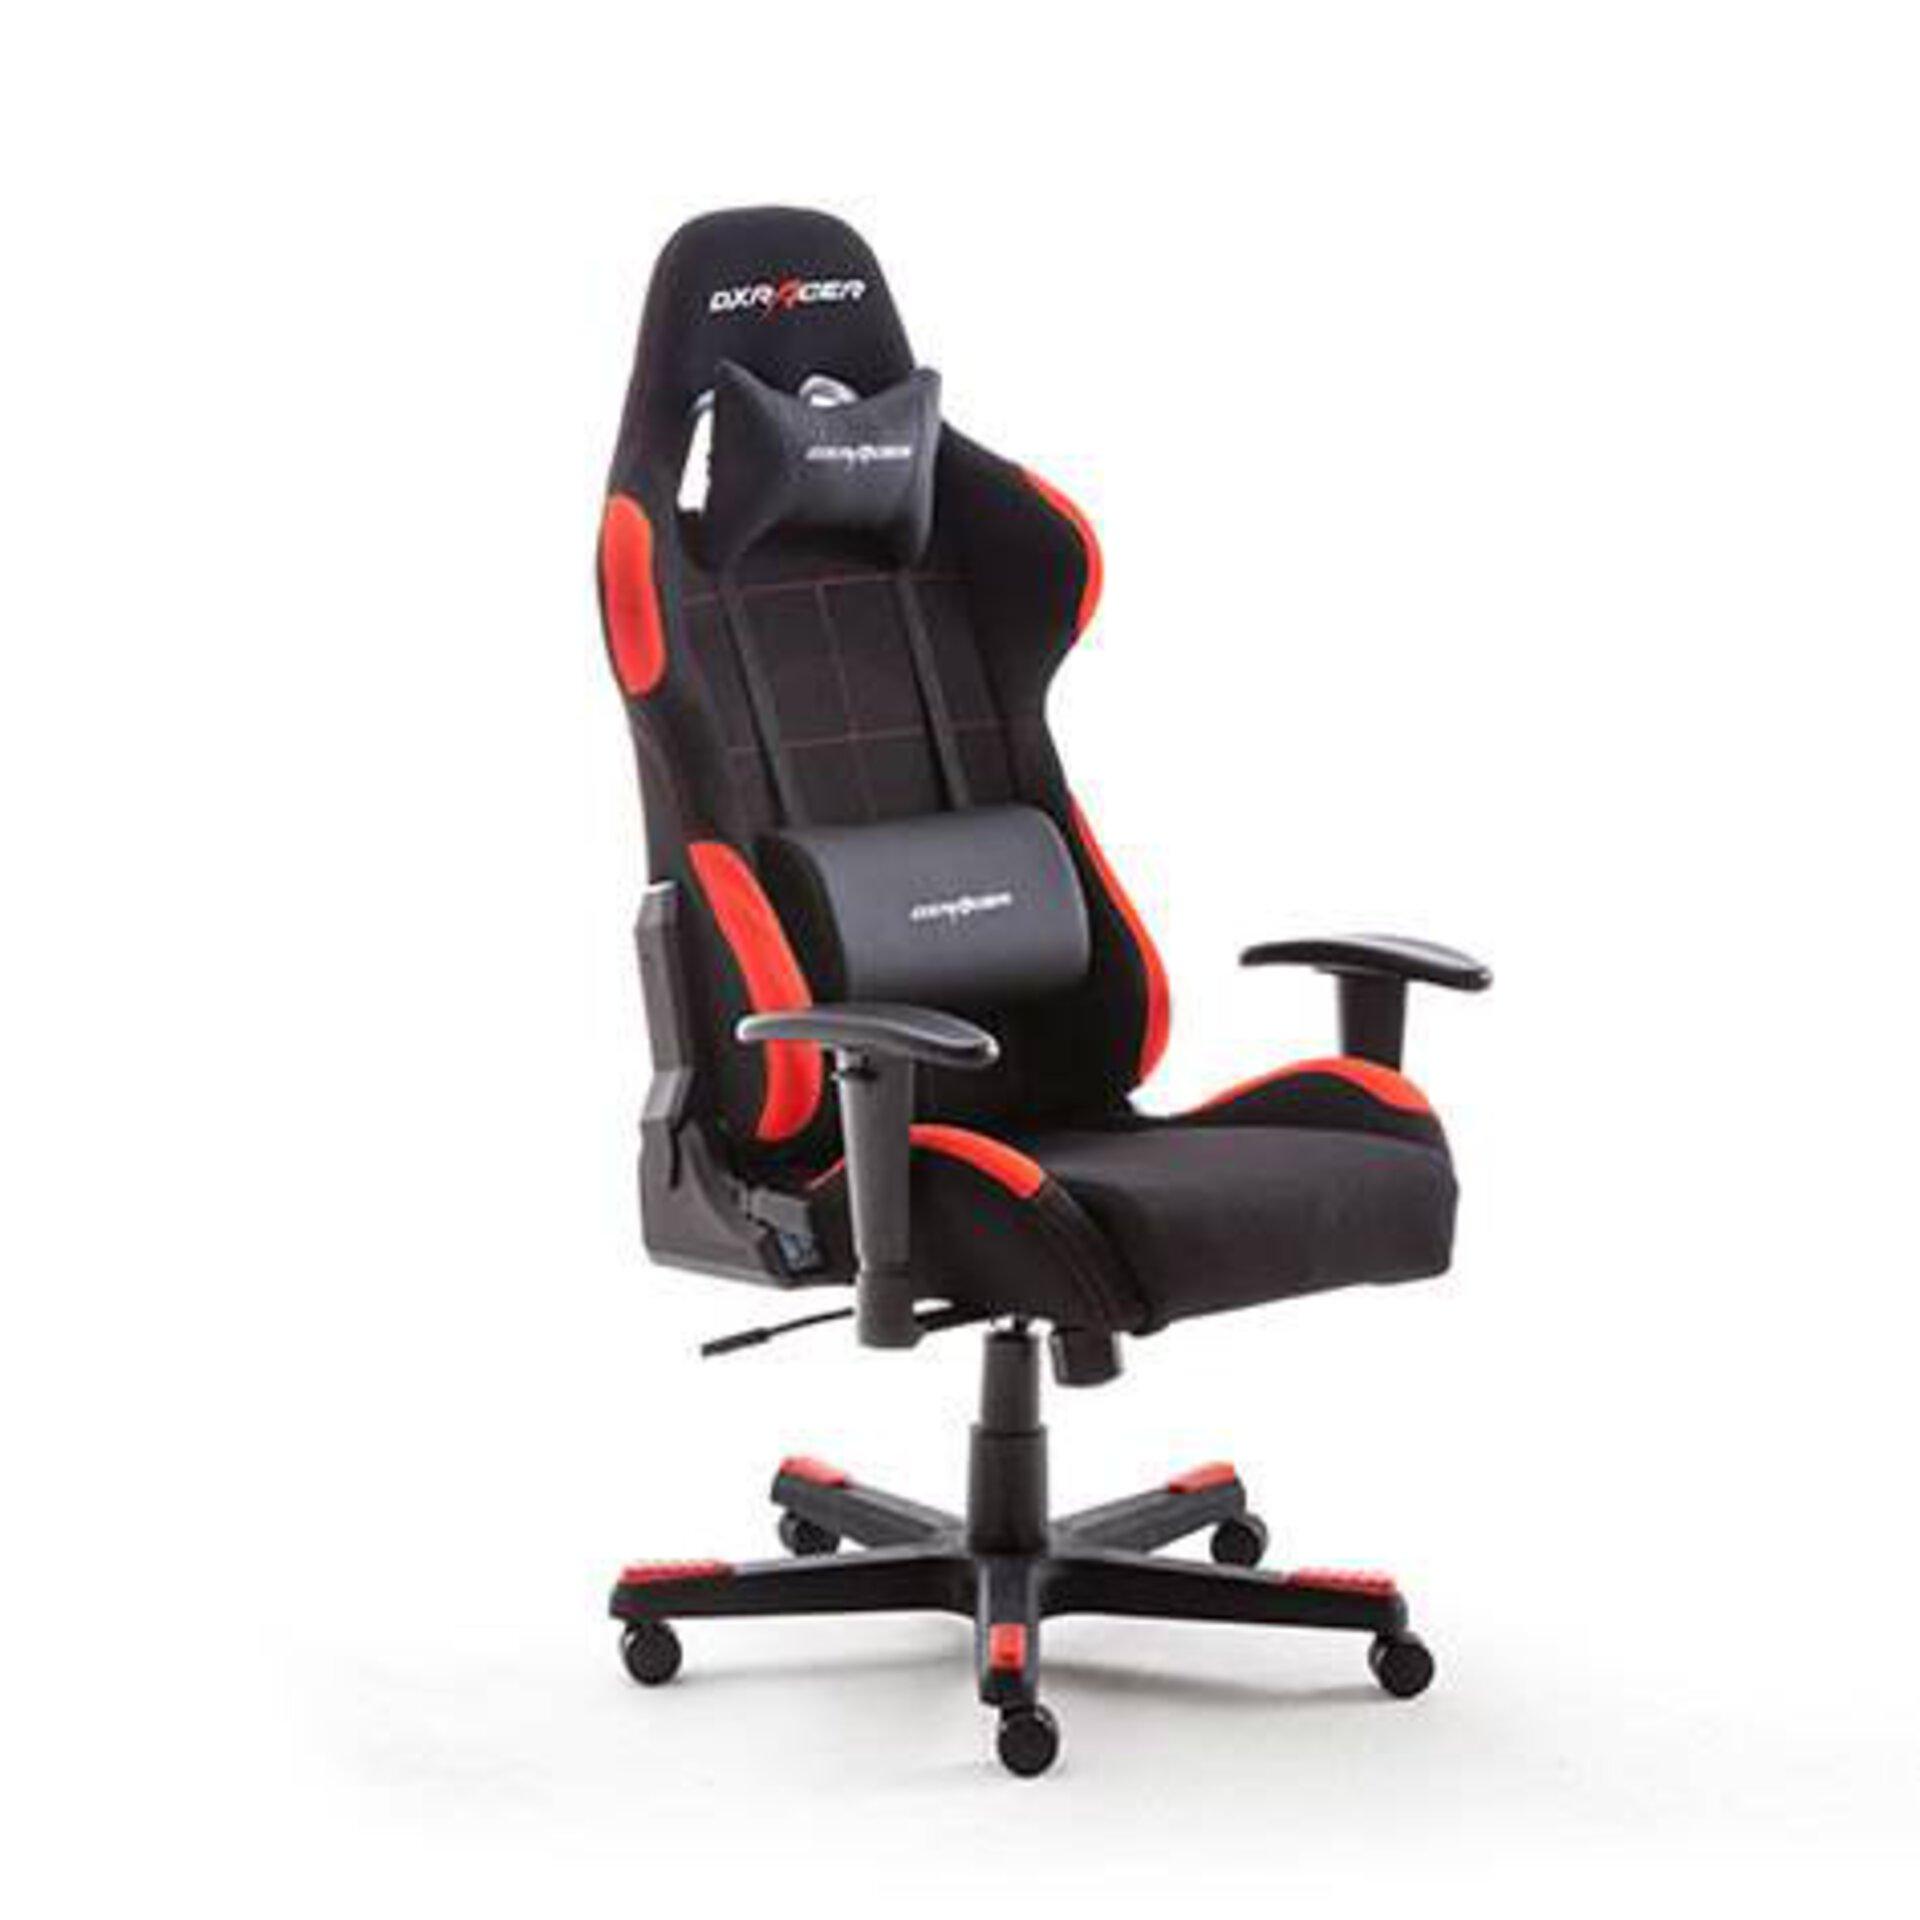 Der perfekte Stuhl für stundenlange Zockersaissons. Nackenstütze und Rückenpolster integriert